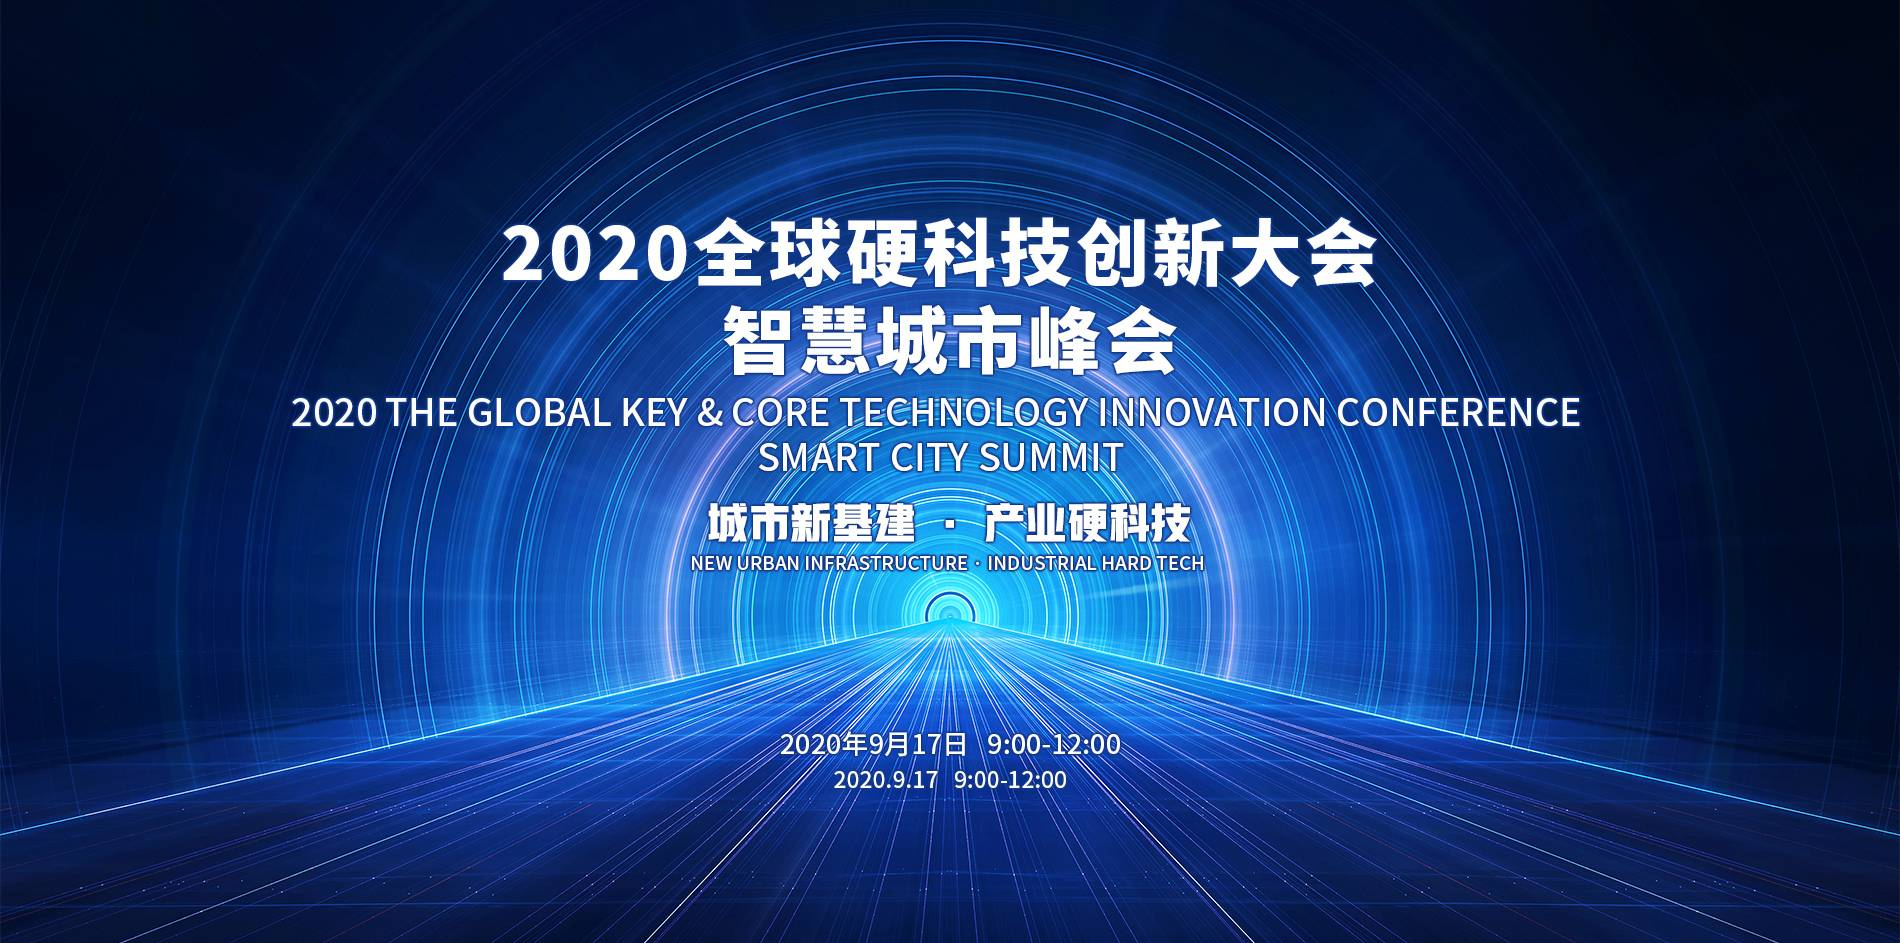 【活动】2020全球硬科技创新大会 智慧城市峰会-亿欧